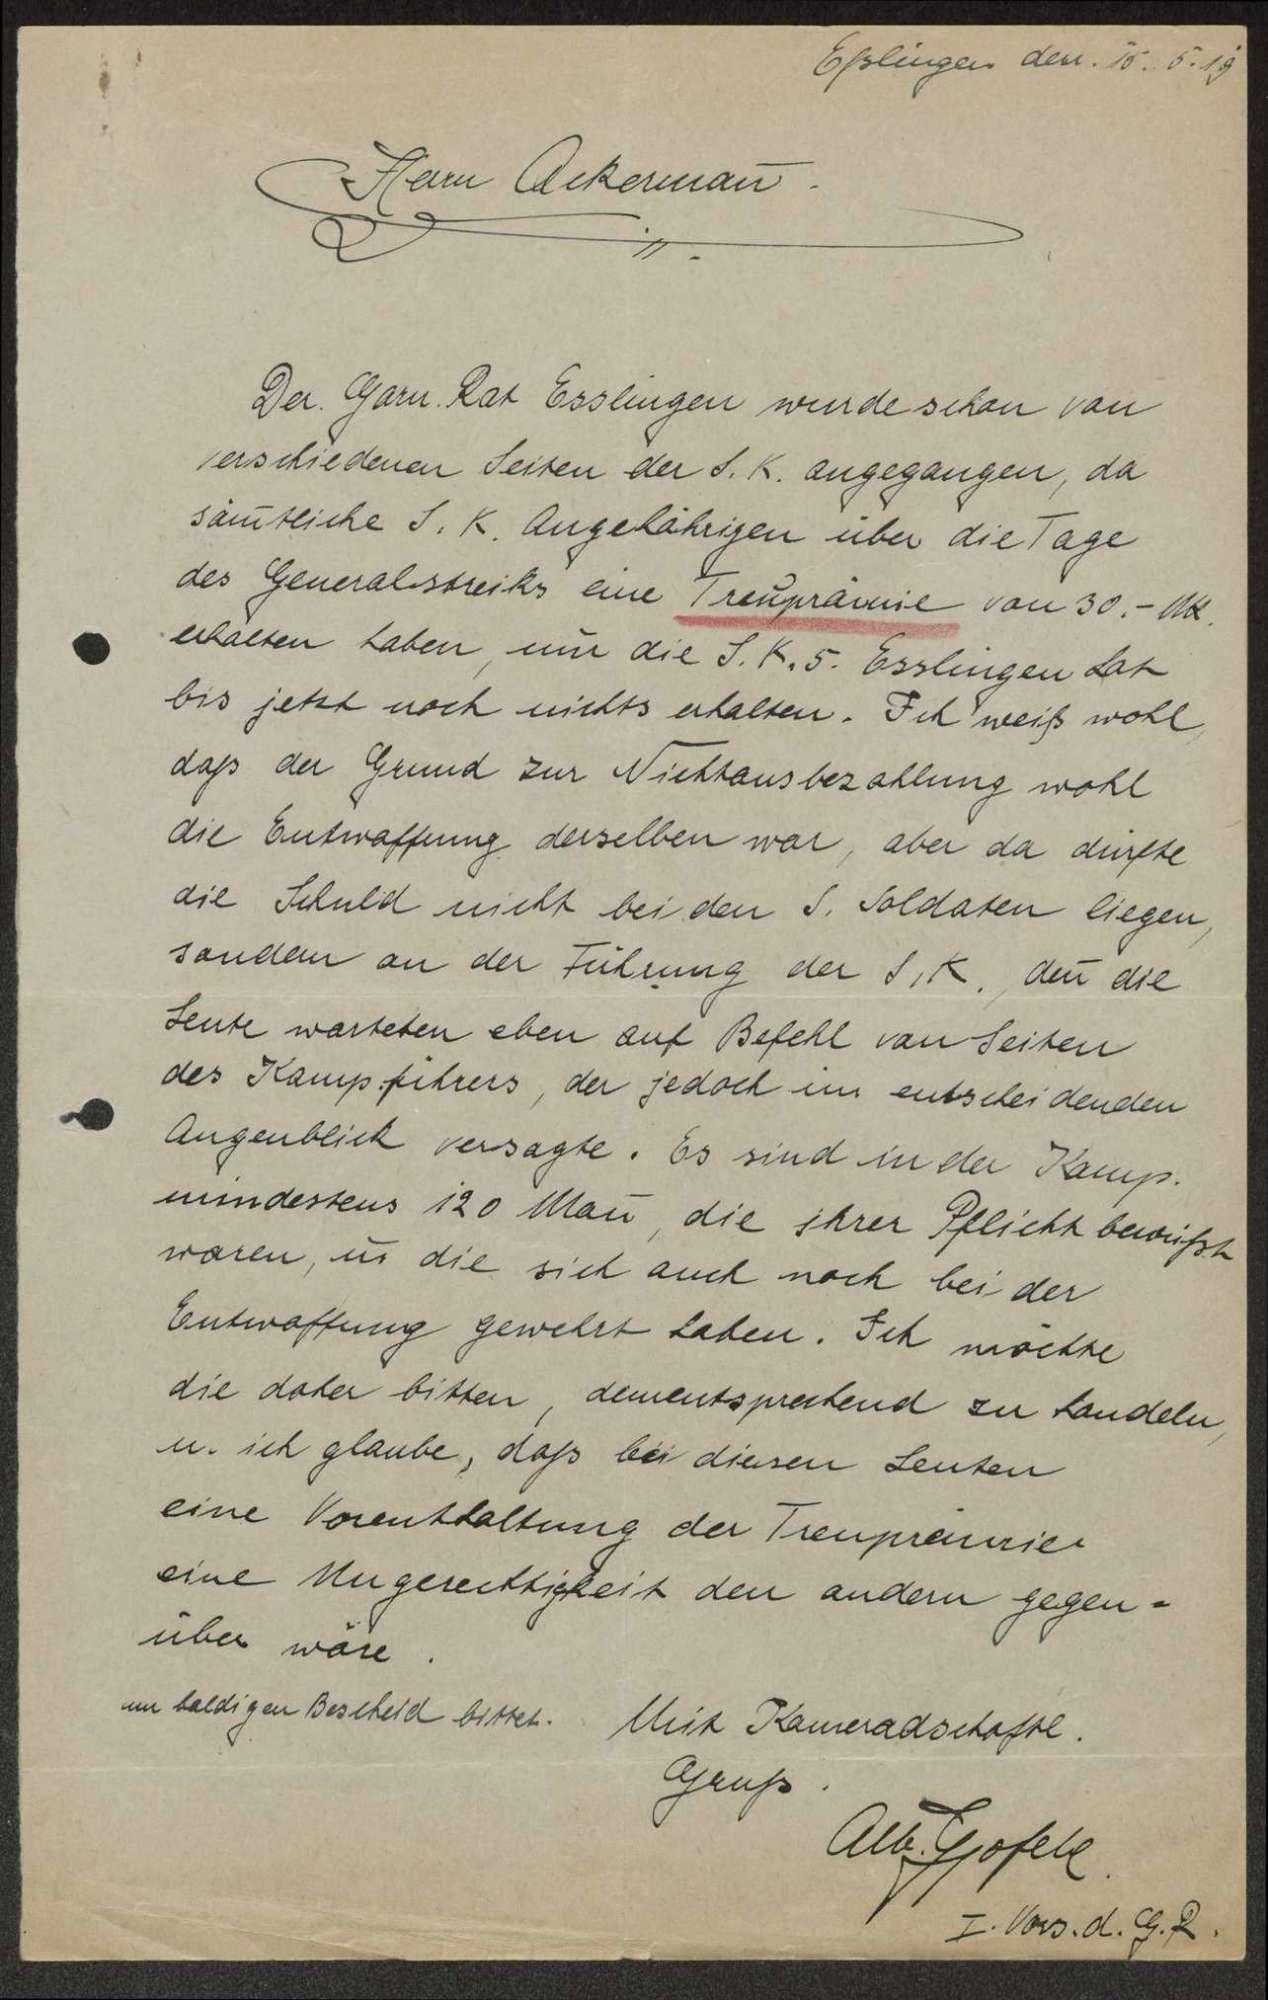 Nachträgliche Gewährung der Gebührnisse an die Sicherheitsabteilung beim Infanterie-Regiment Nr. 12 6 und die Sicherheitskompanie Nr. 5 während des Generalstreiks, Bild 3